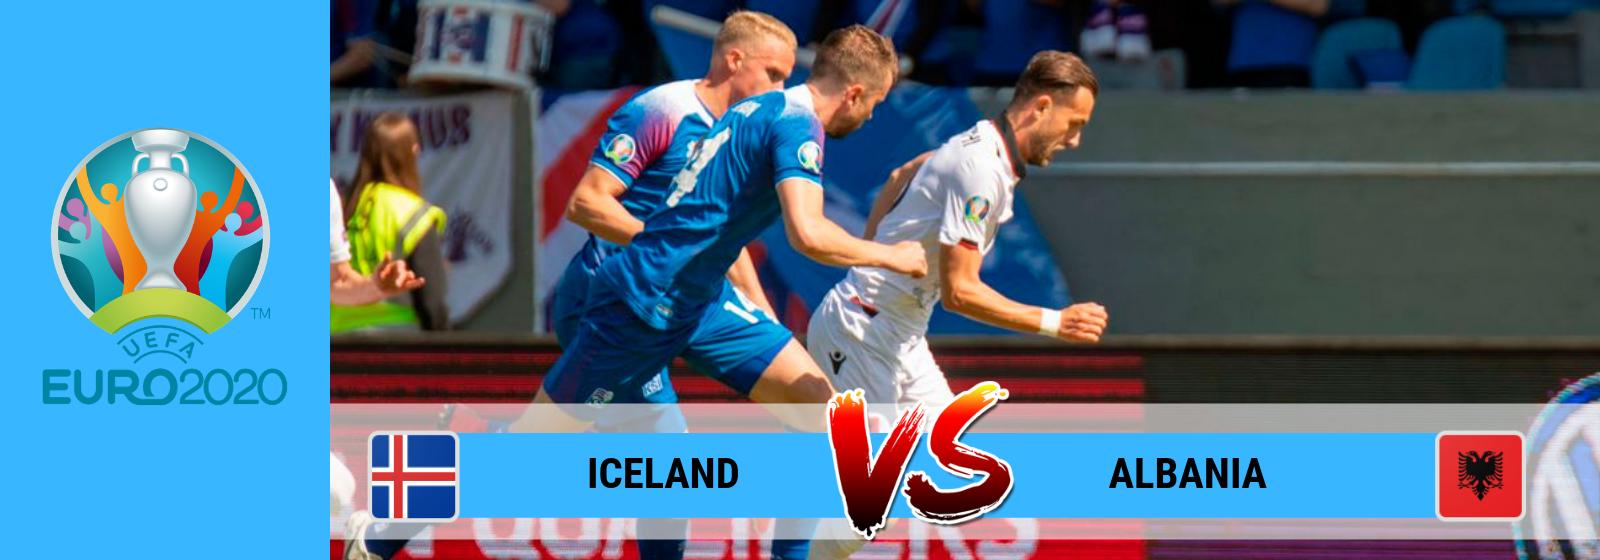 UEFA Euro 2020 Iceland Vs. Albania Asian Connect